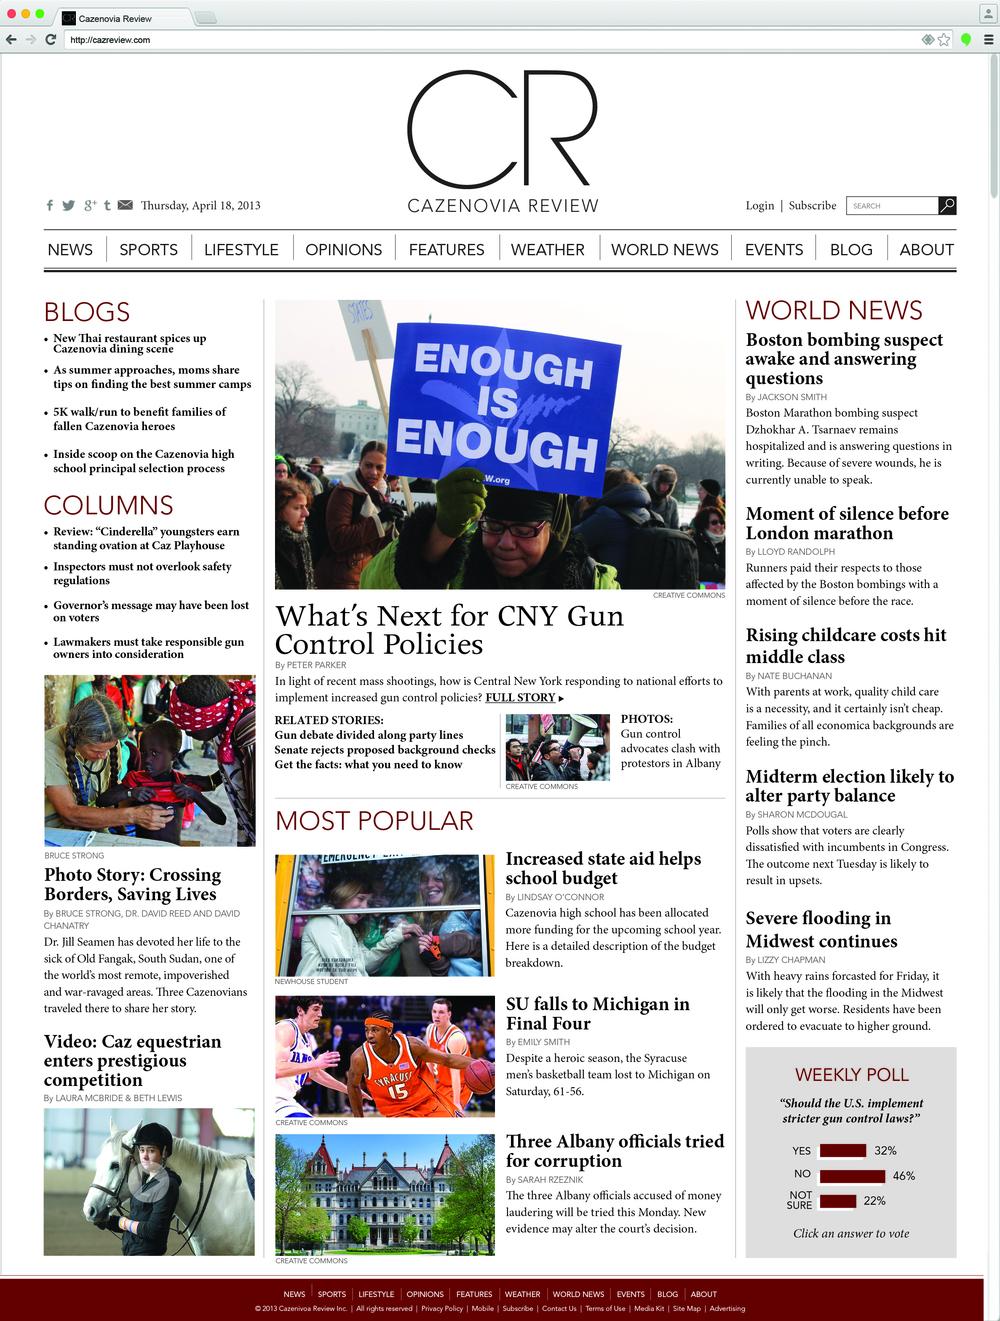 Clark_WebsitePORTFOLIO.png